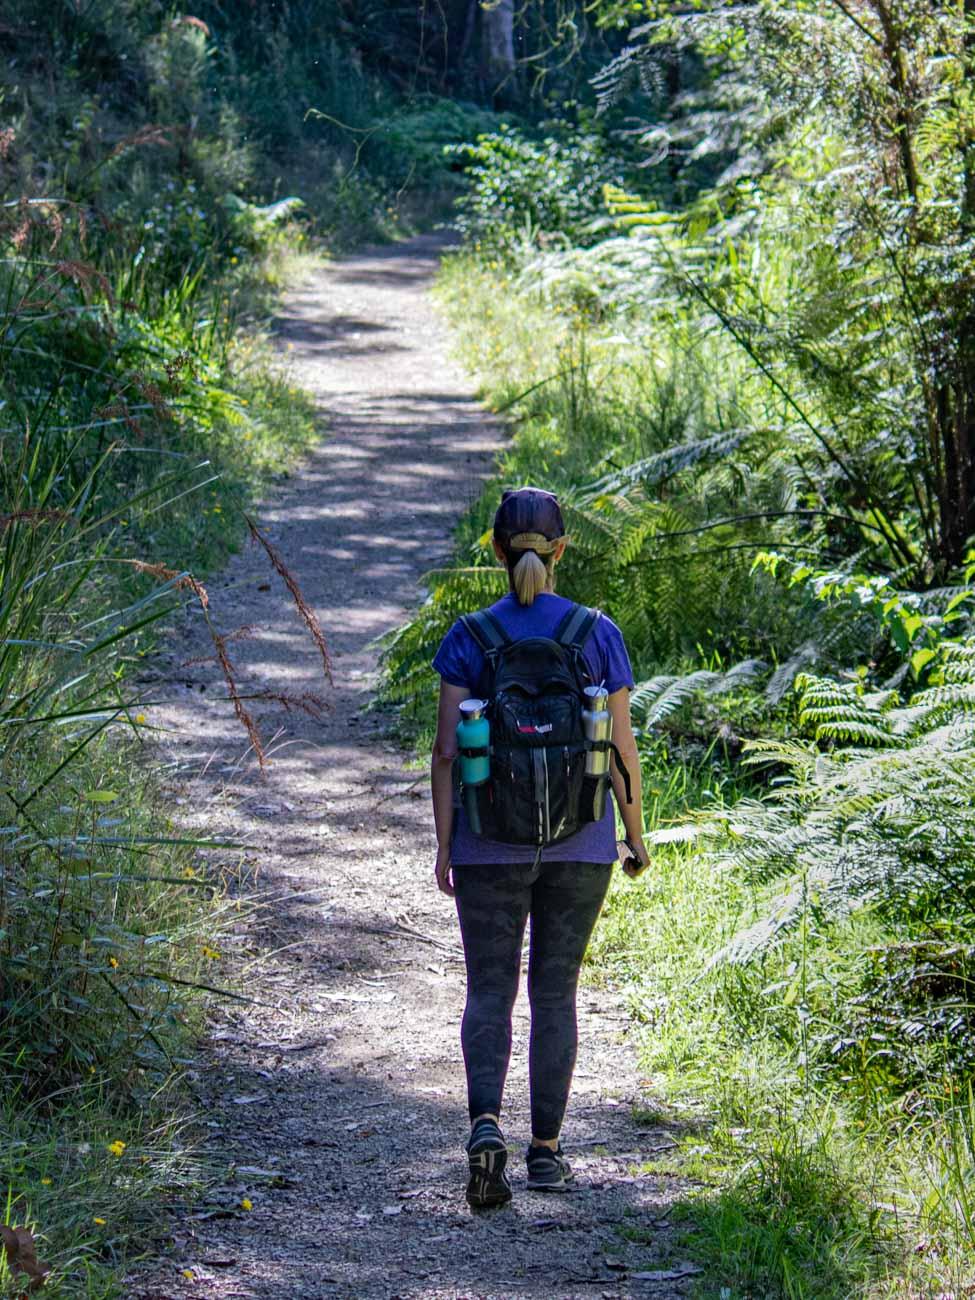 Tree Fern Gully Trail